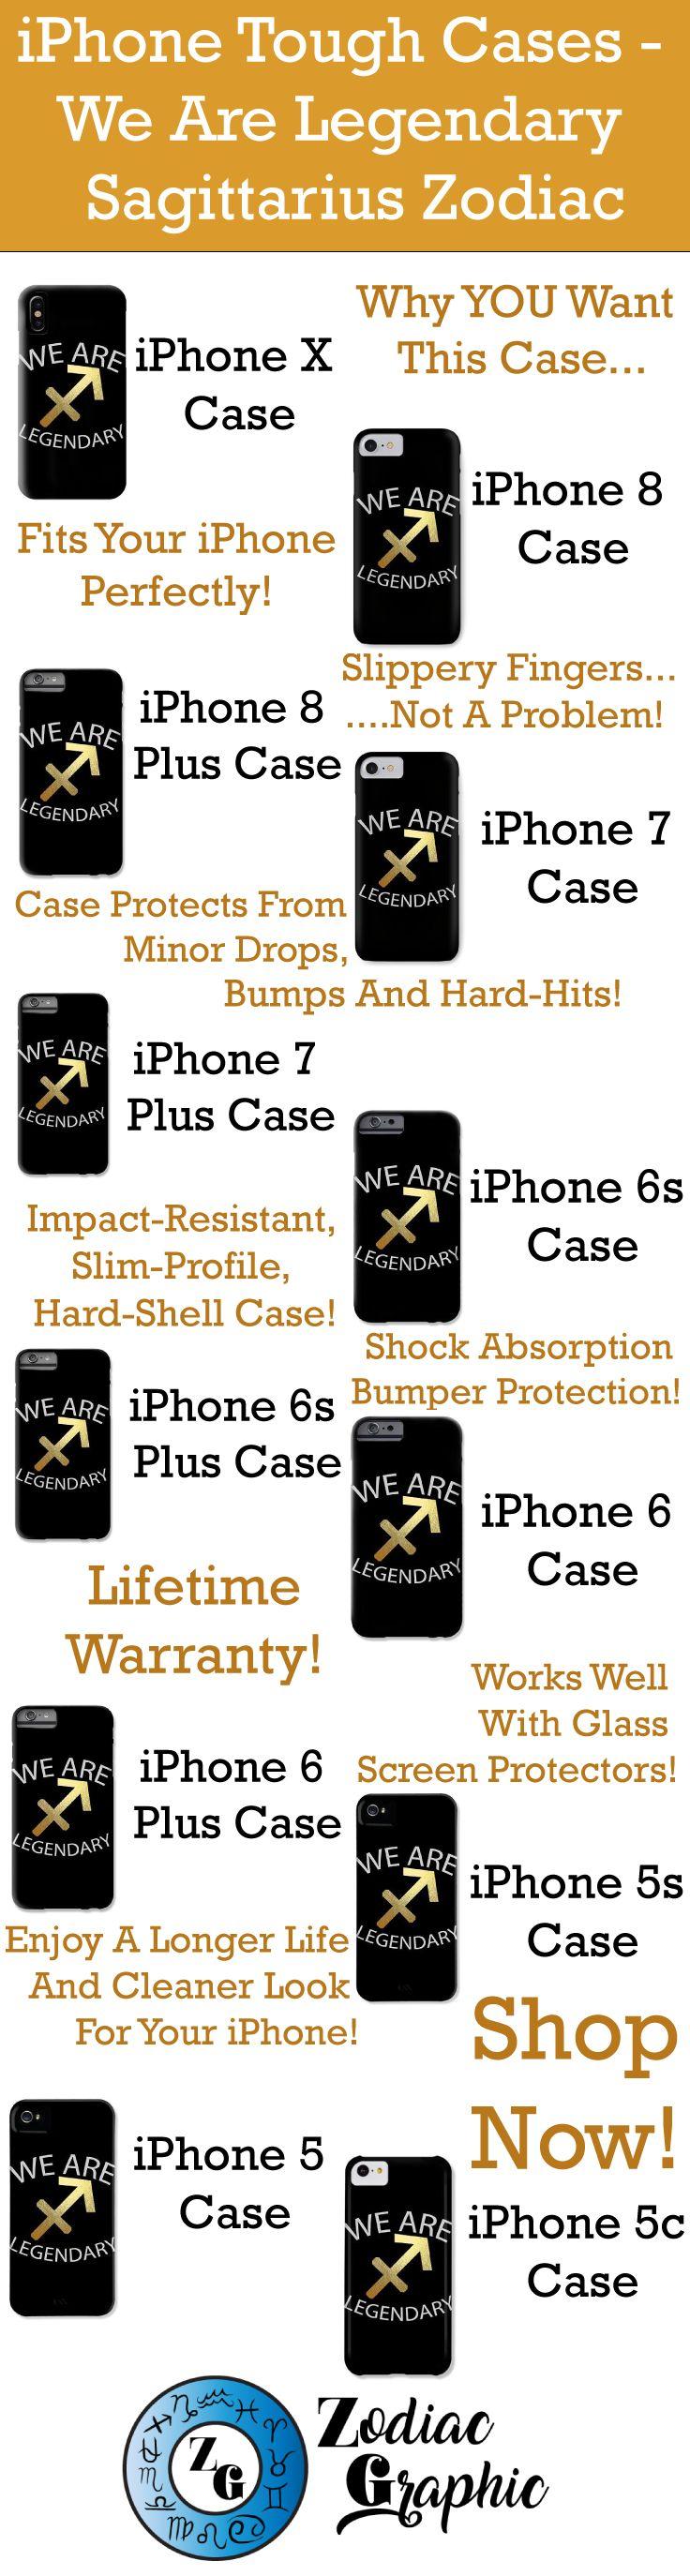 iPhoneX || iPhone 8 || iPhone 8 Plus || iPhone 7 || iPhone 7 Plus || iPhone 6s || iPhone 6s Plus || iPhone 6 || iPhone 6 Plus || iPhone 5s || iPhone 5 || iPhone 5c || We Are Legendary Sagittarius - Phone Case | Zodiac || Zodiac Sign || Zodiac Gift || Sagittarius || Sagittarius Zodiac Gift || Gift For Sagittarius || November Birthday Gift || December Birthday Gift